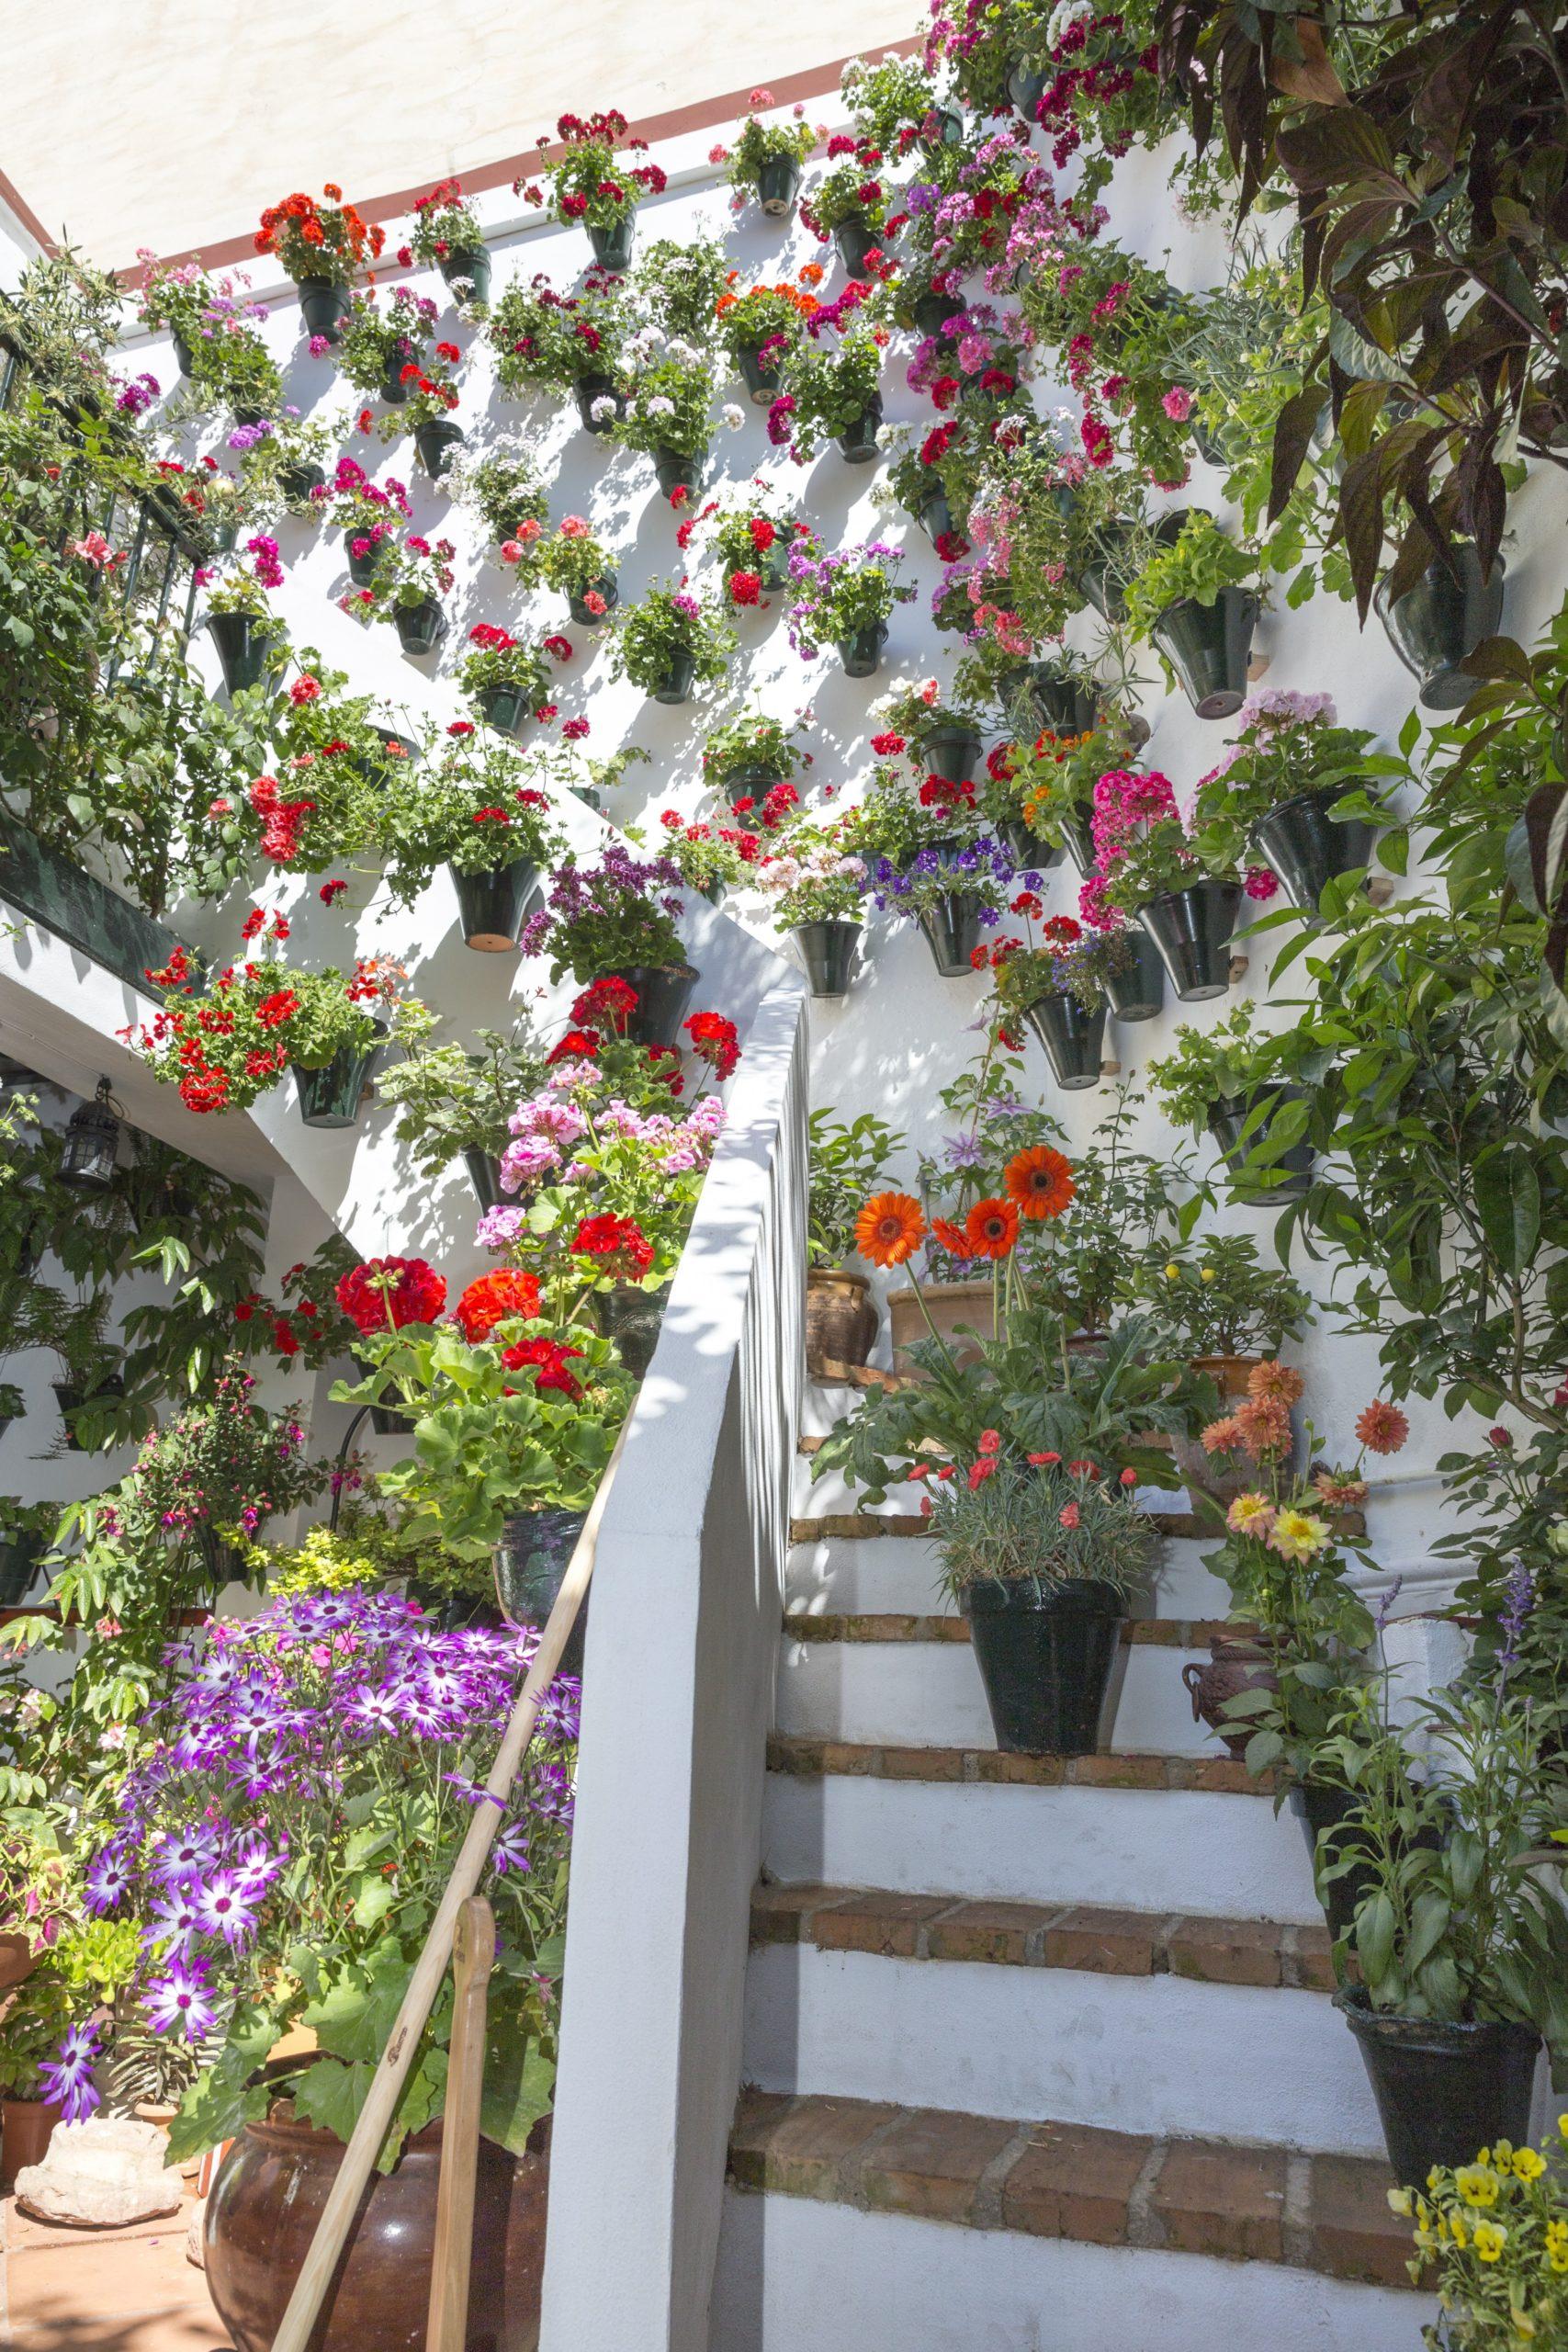 Free fotobanka : květ, jaro, zelená, zadní dvorek, botanika ...